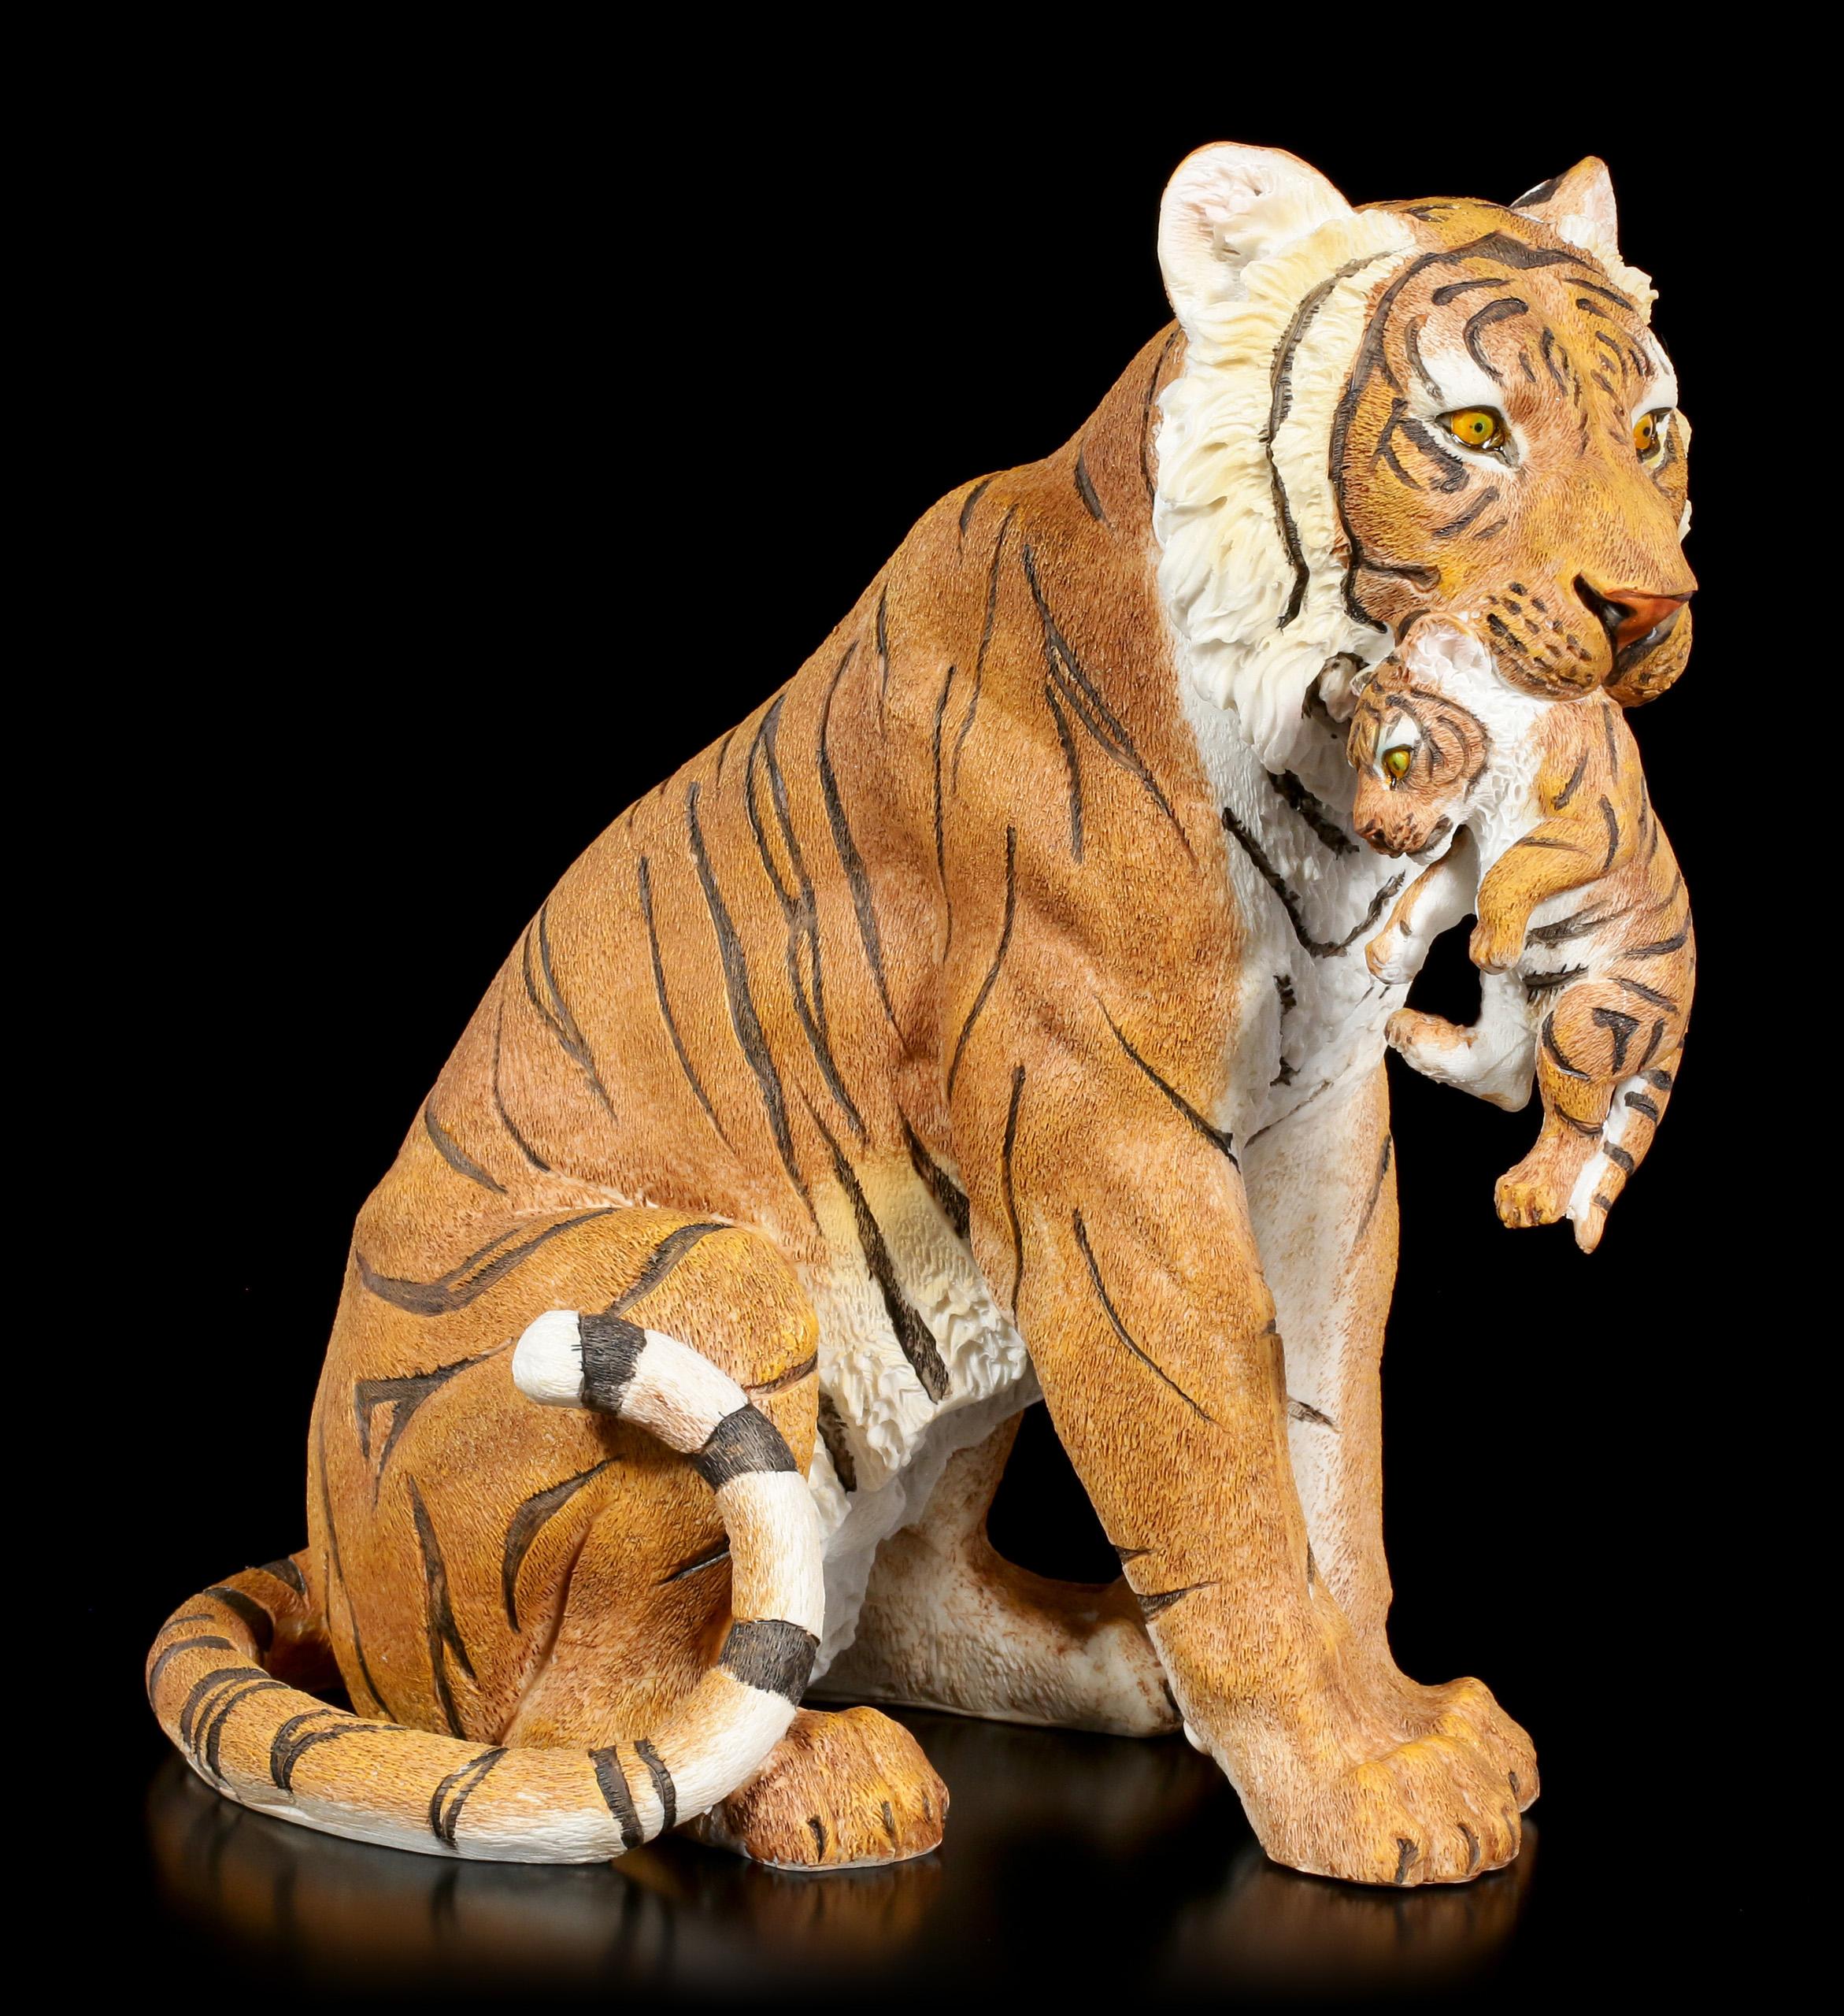 Gartenfigur Tiger Mama Mit Baby Im Maul